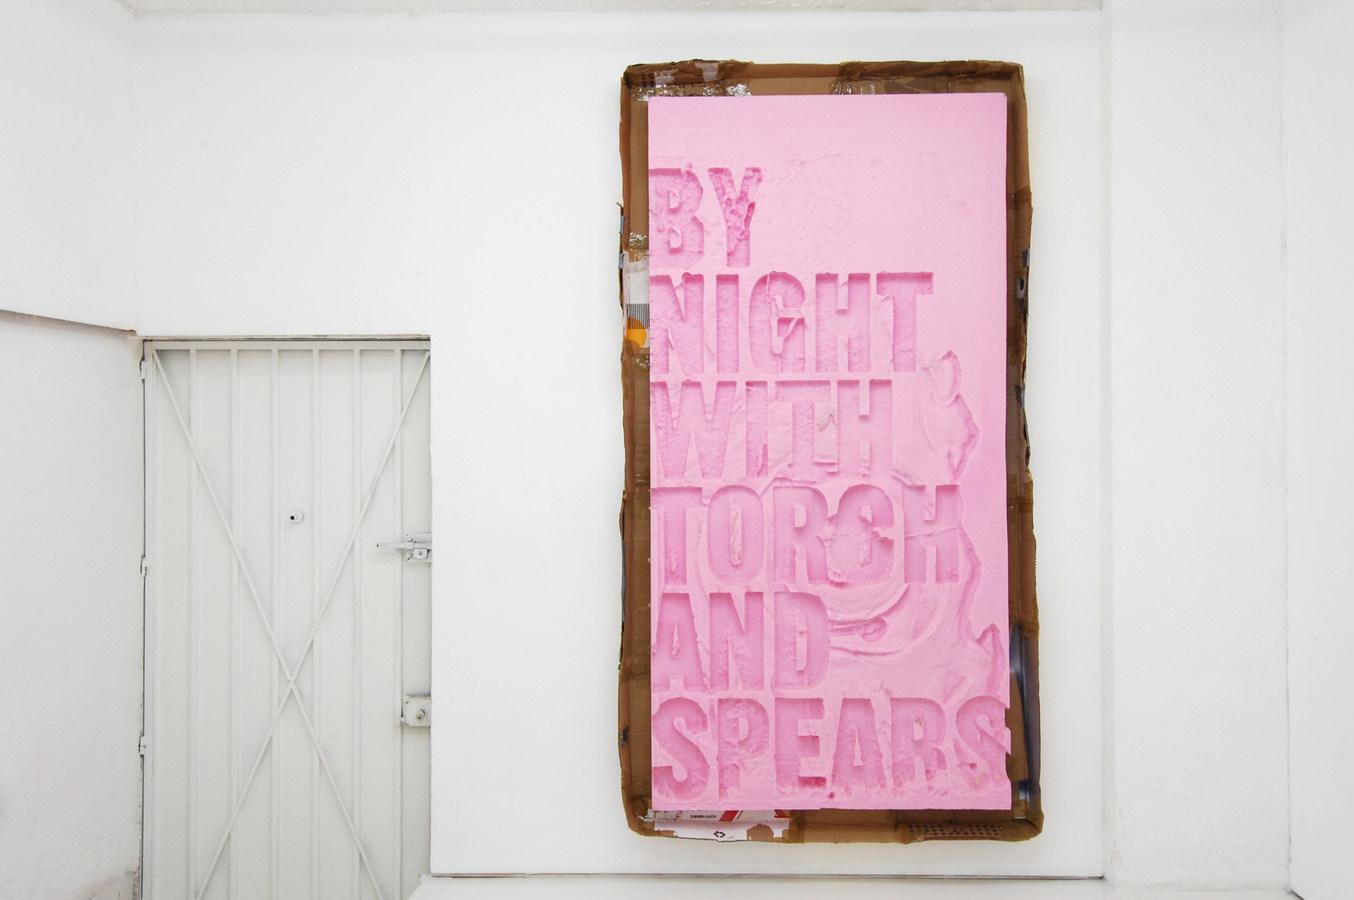 Installation_Bynightwithtorch